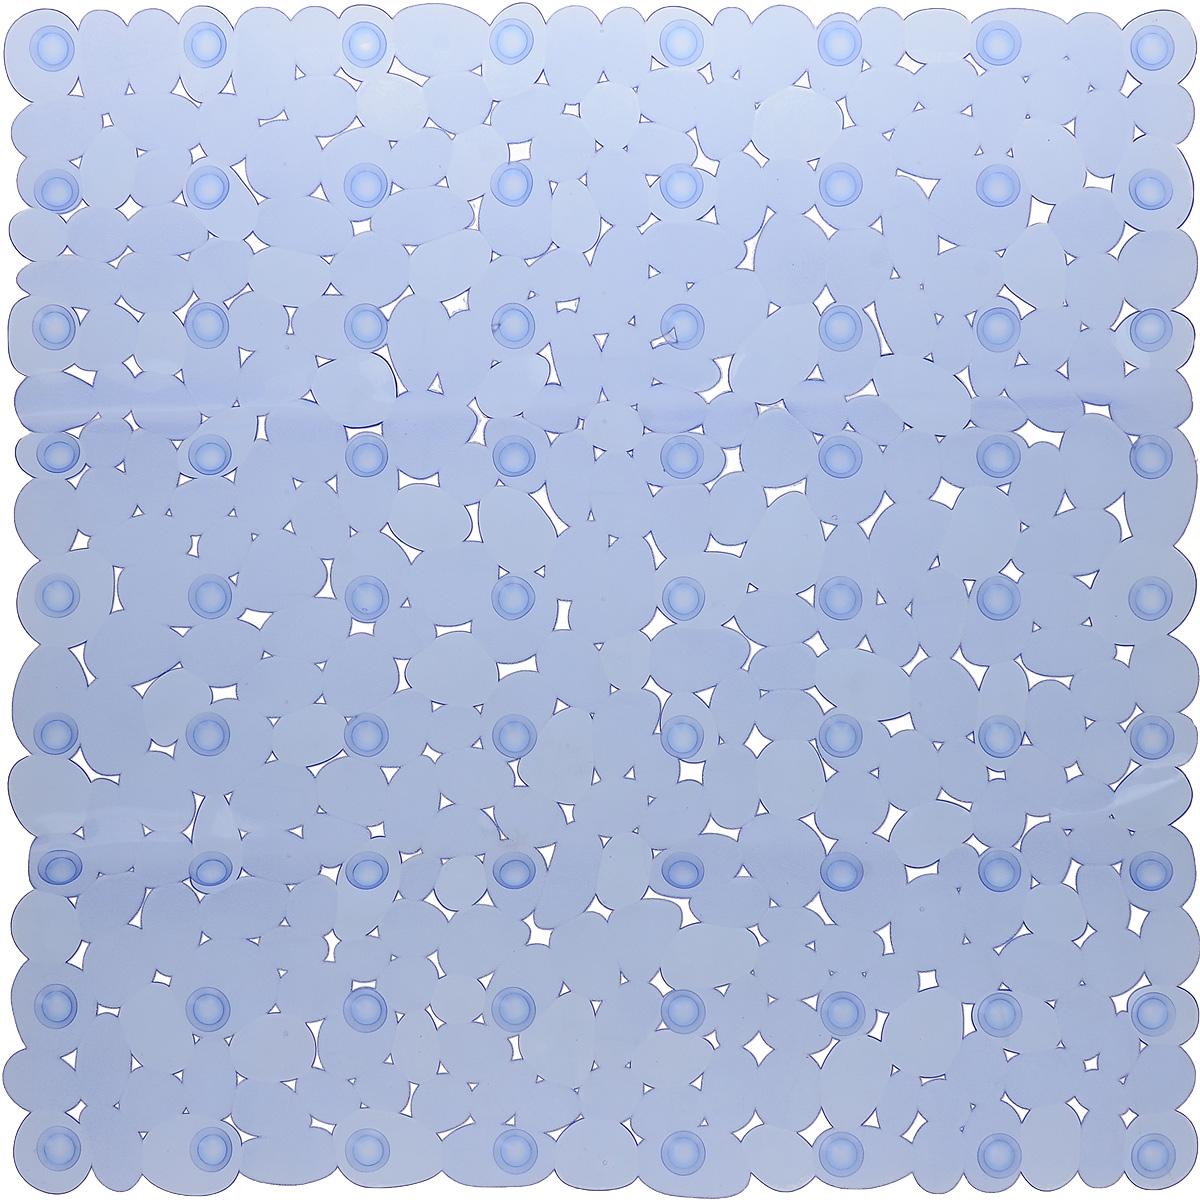 Коврик для ванной Axentia Галька, противоскользящий, на присосках, цвет: синий, 52 х 52 смSAVONA 11402/8C CHROME, GREYКвадратный коврик для ванной Axentia Галька изготовлен из ПВХ. Это прочный противоскользящий материал, который отлично подойдет для помещений с повышенной влажностью. Коврик противоскользящий, поэтому его удобно использовать в душевой кабине или ванне. Крепится к поверхности при помощи на присосок. Легко моется и не оставляет следов.